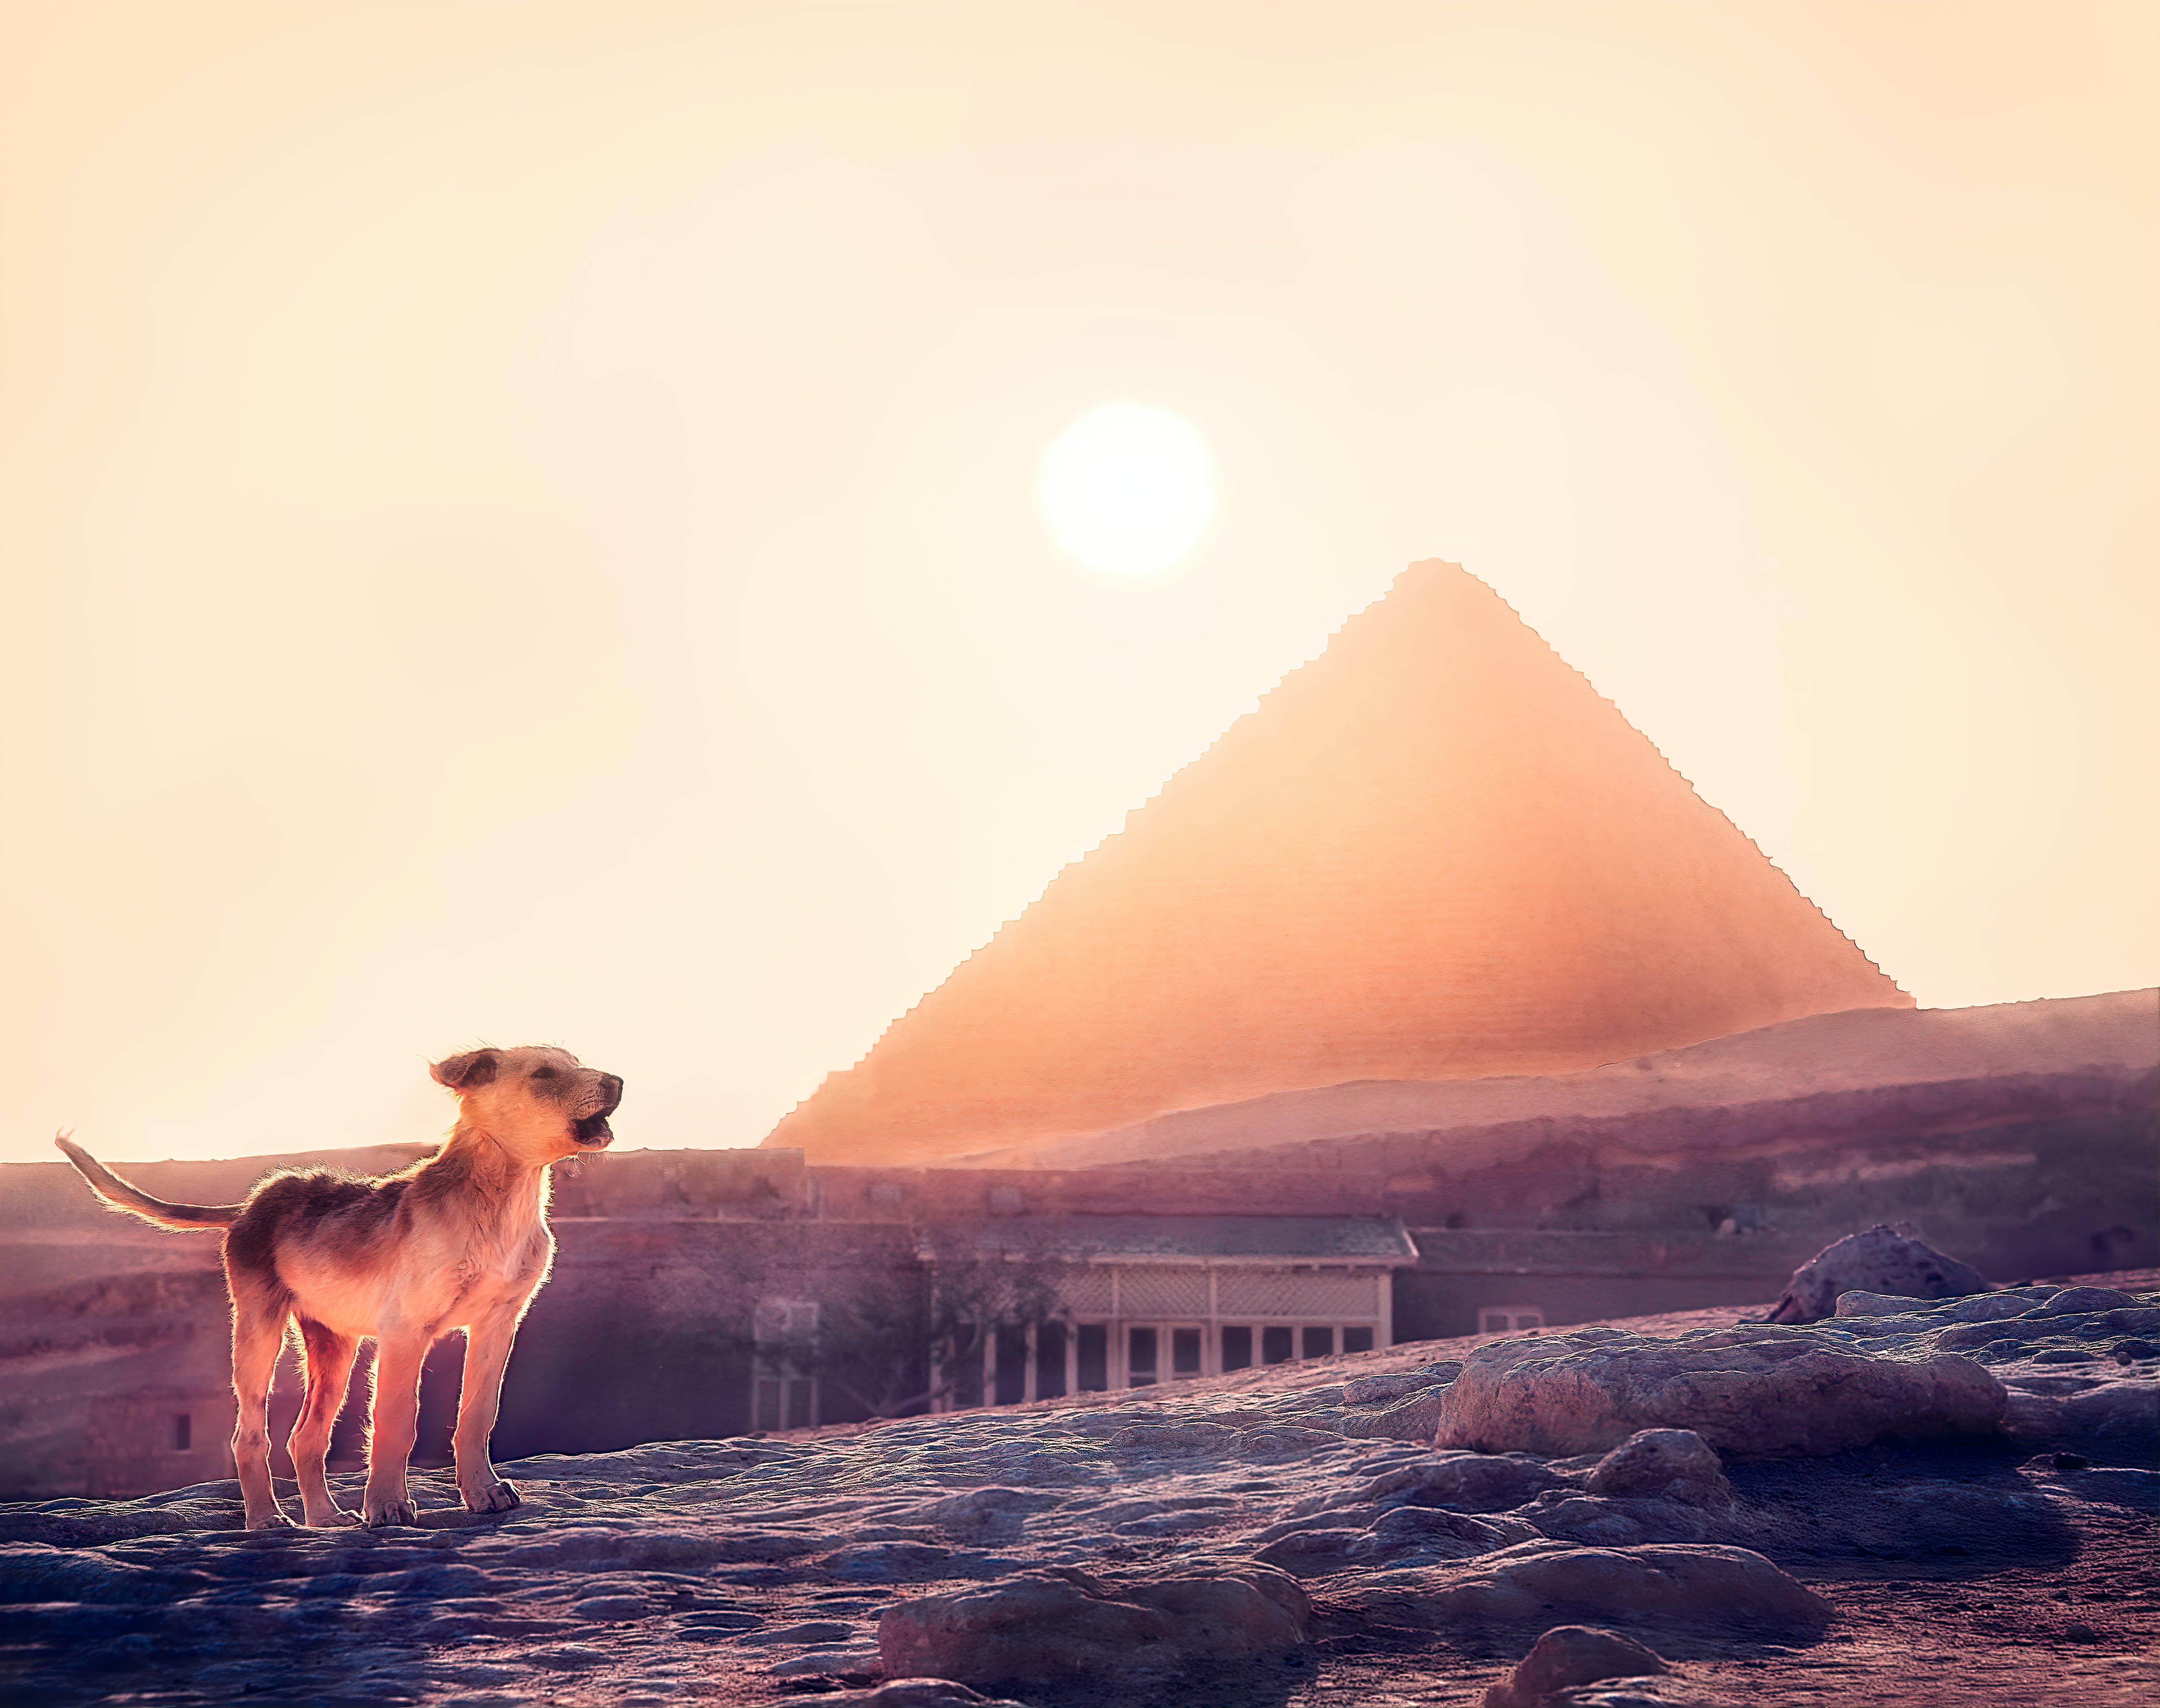 吉萨, 开罗, 日落, 狂吠的狗 的 免费素材照片